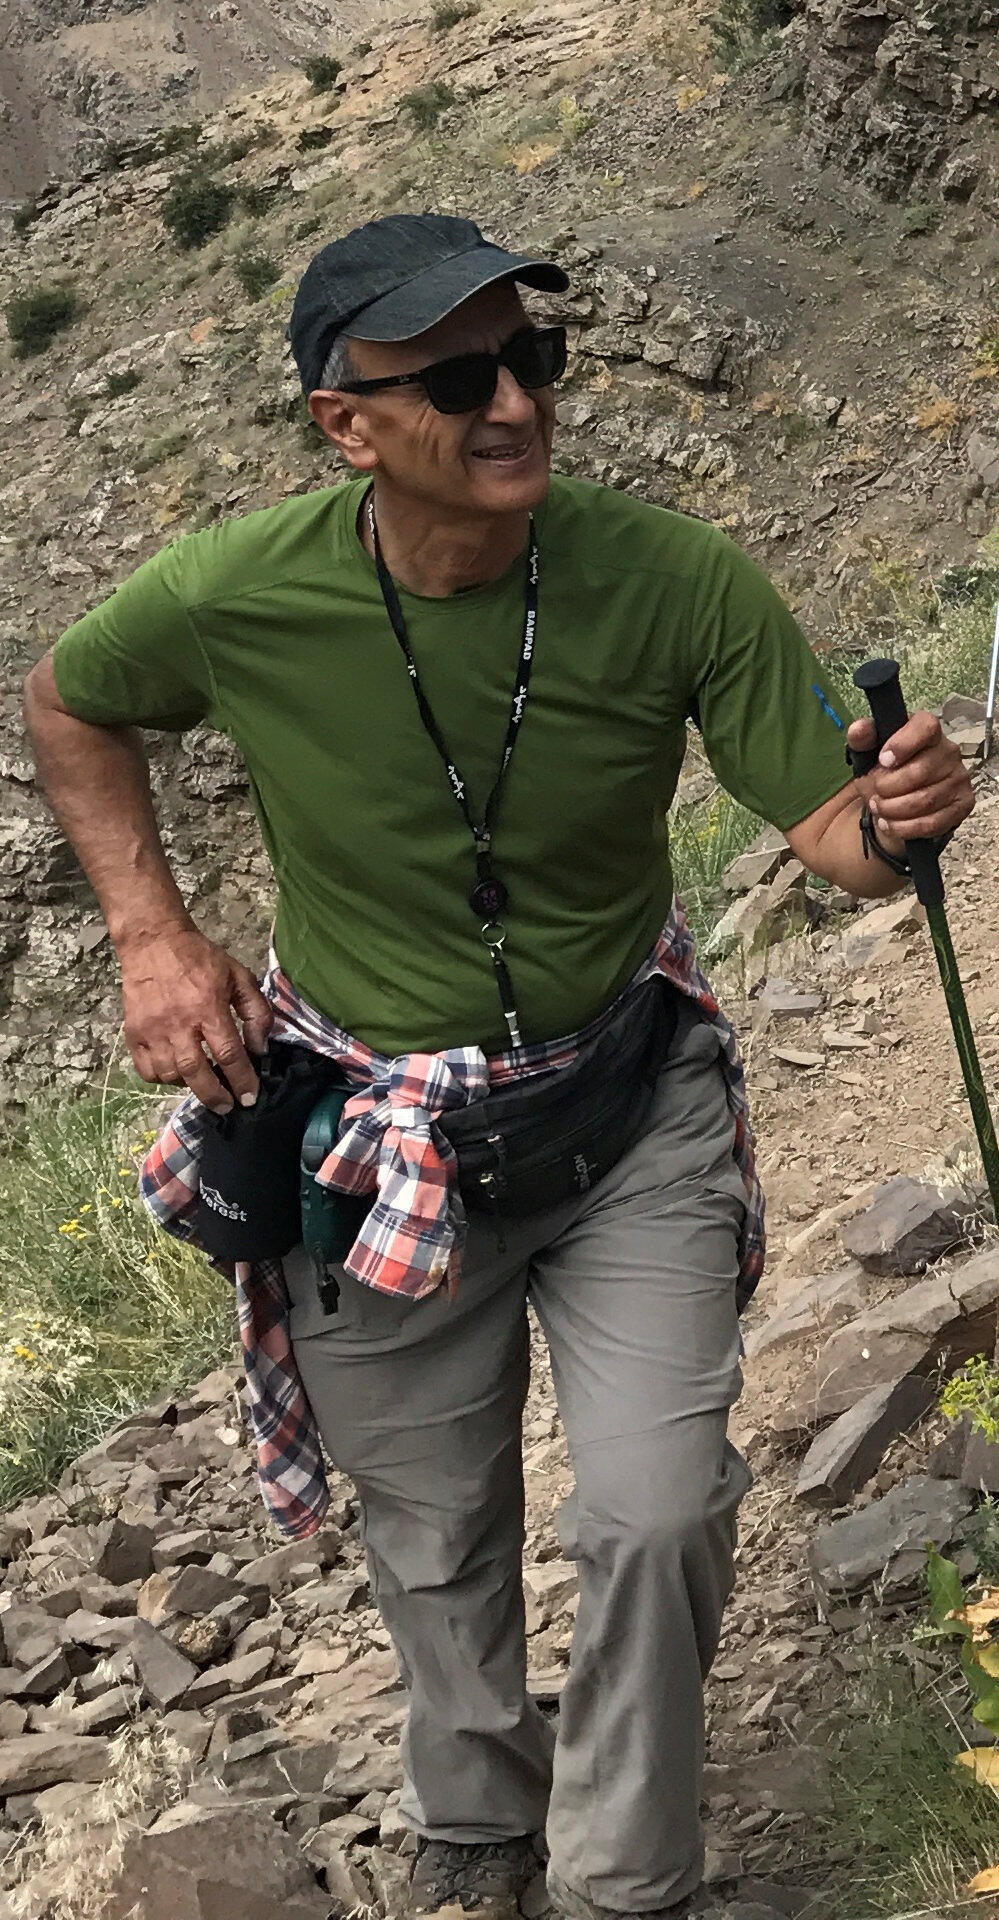 کاووس سید امامی، فعال محیط زیست و استاد جامعه شناسی در ۱۹ بهمن ماه در زندان به طرز مشکوکی درگذشت